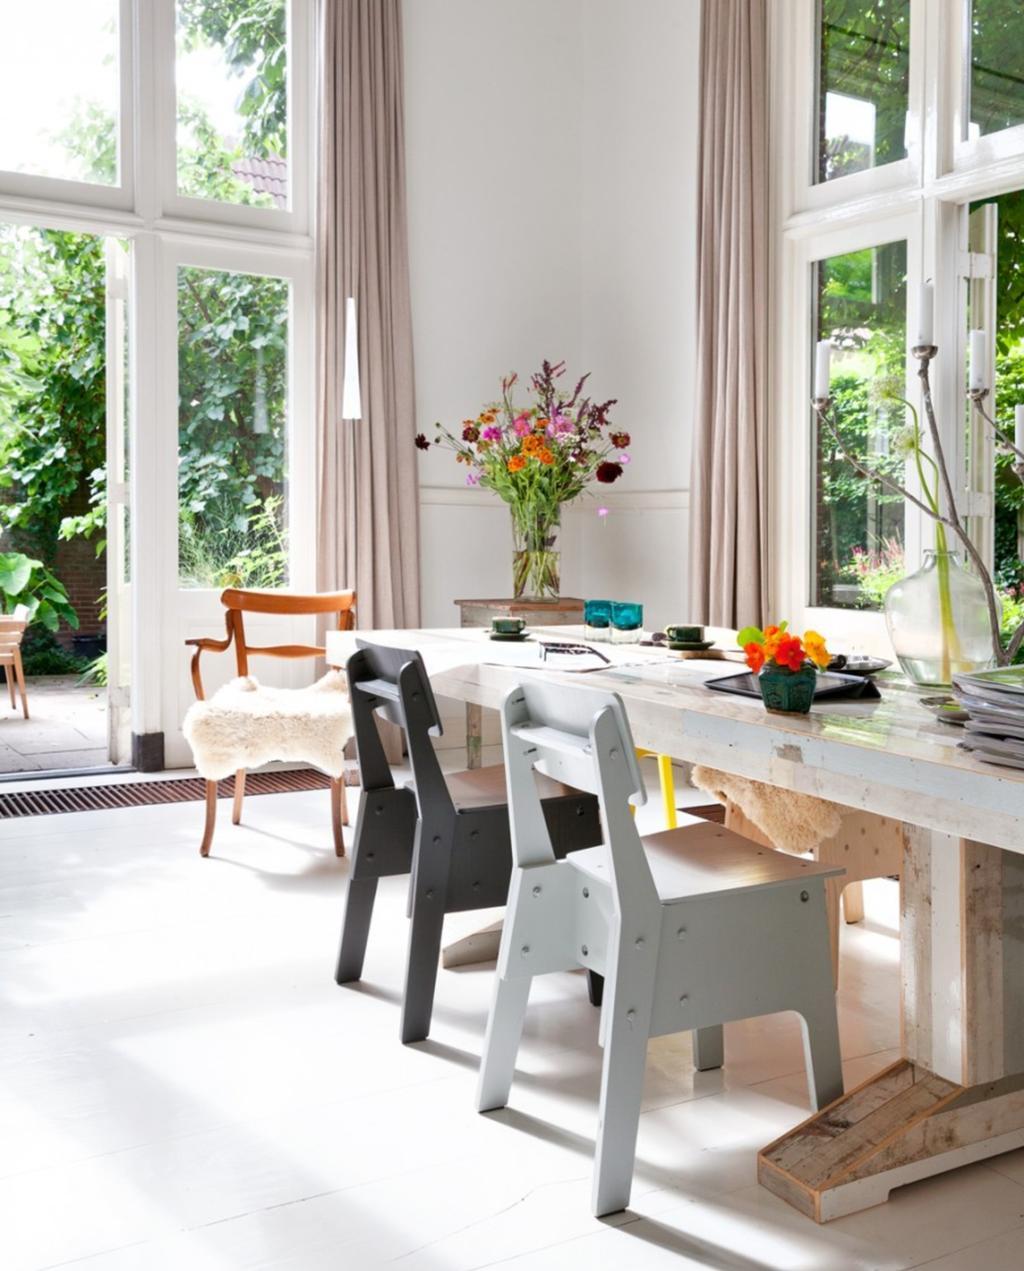 woonkeuken | keuken | eettafel | stoelen | hoge ramen | piet hein eek crisis | kleur | insecten buiten houden